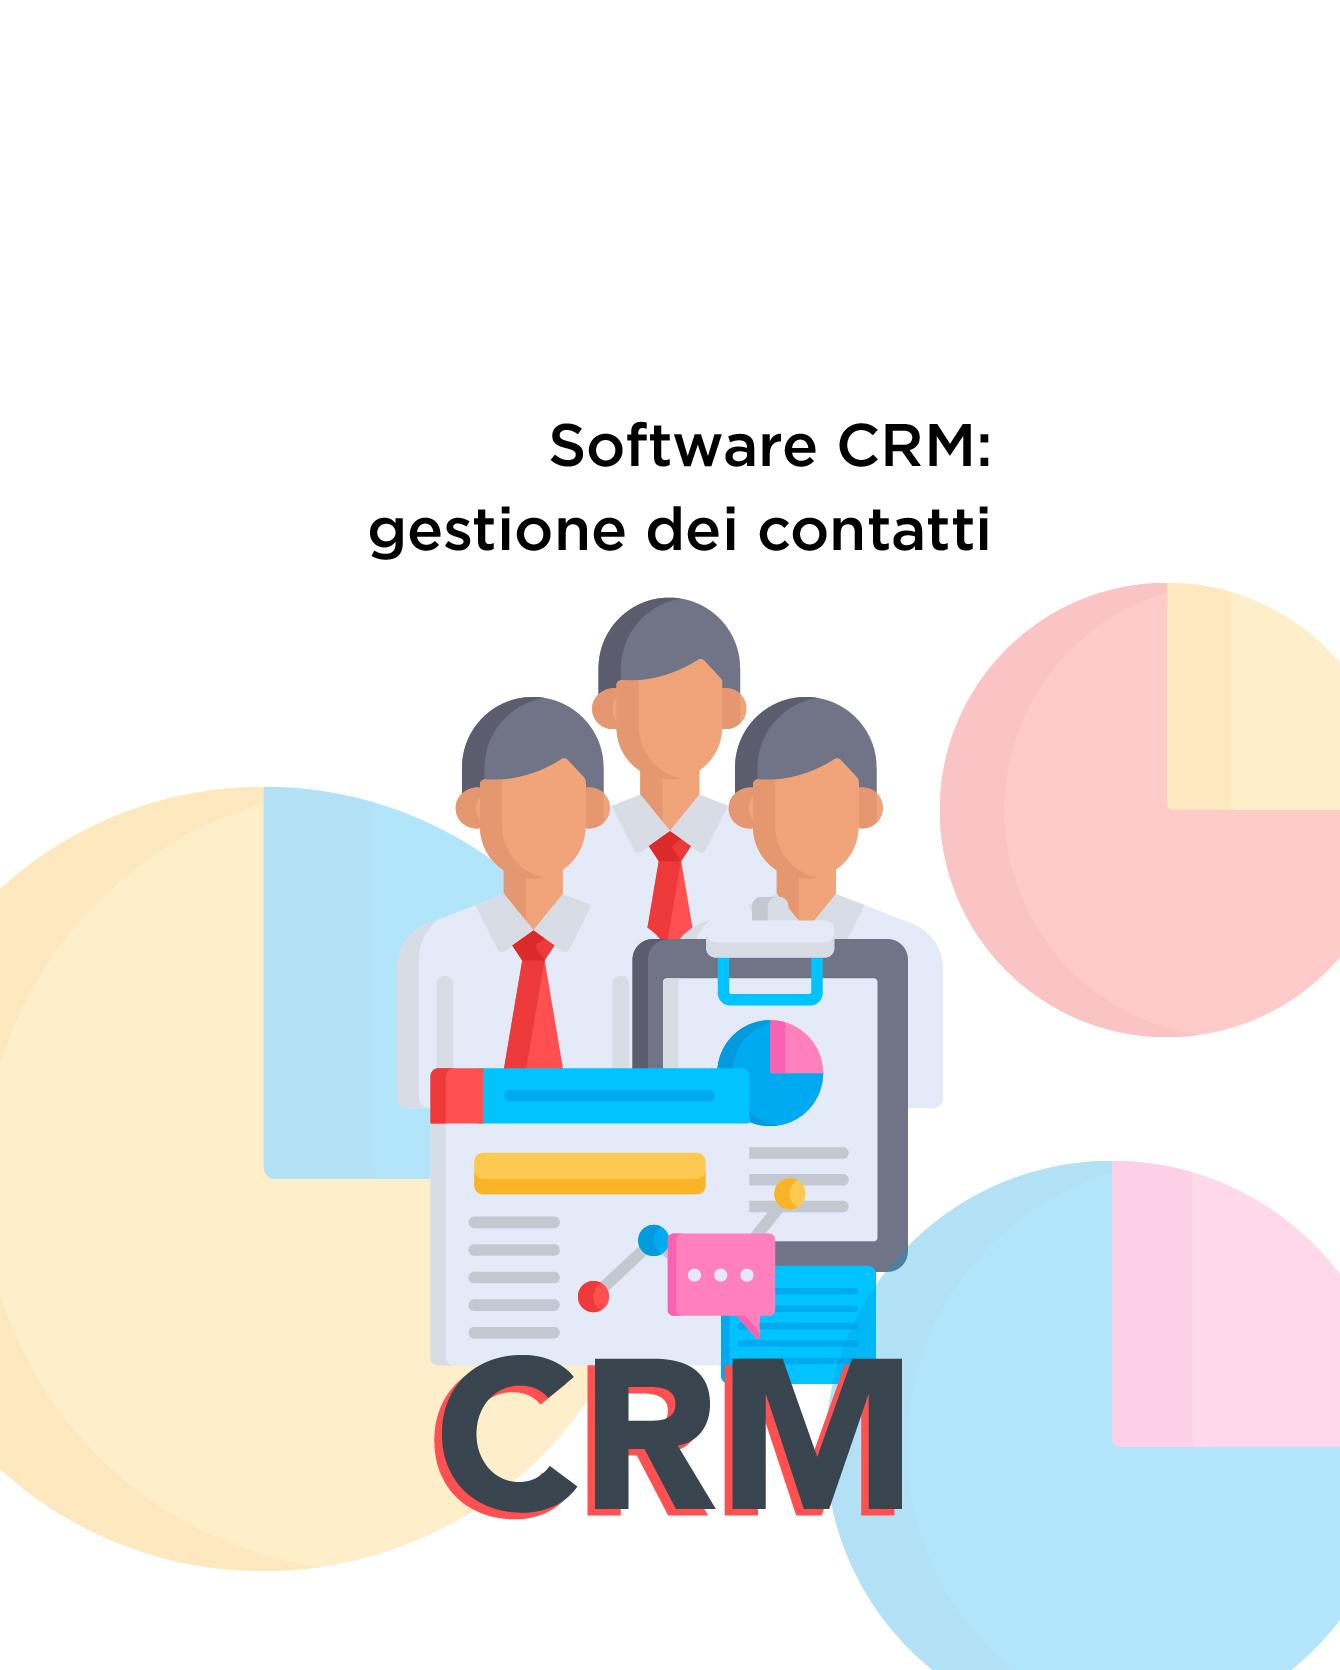 Software CRM: come ottimizzare la gestione dei clienti